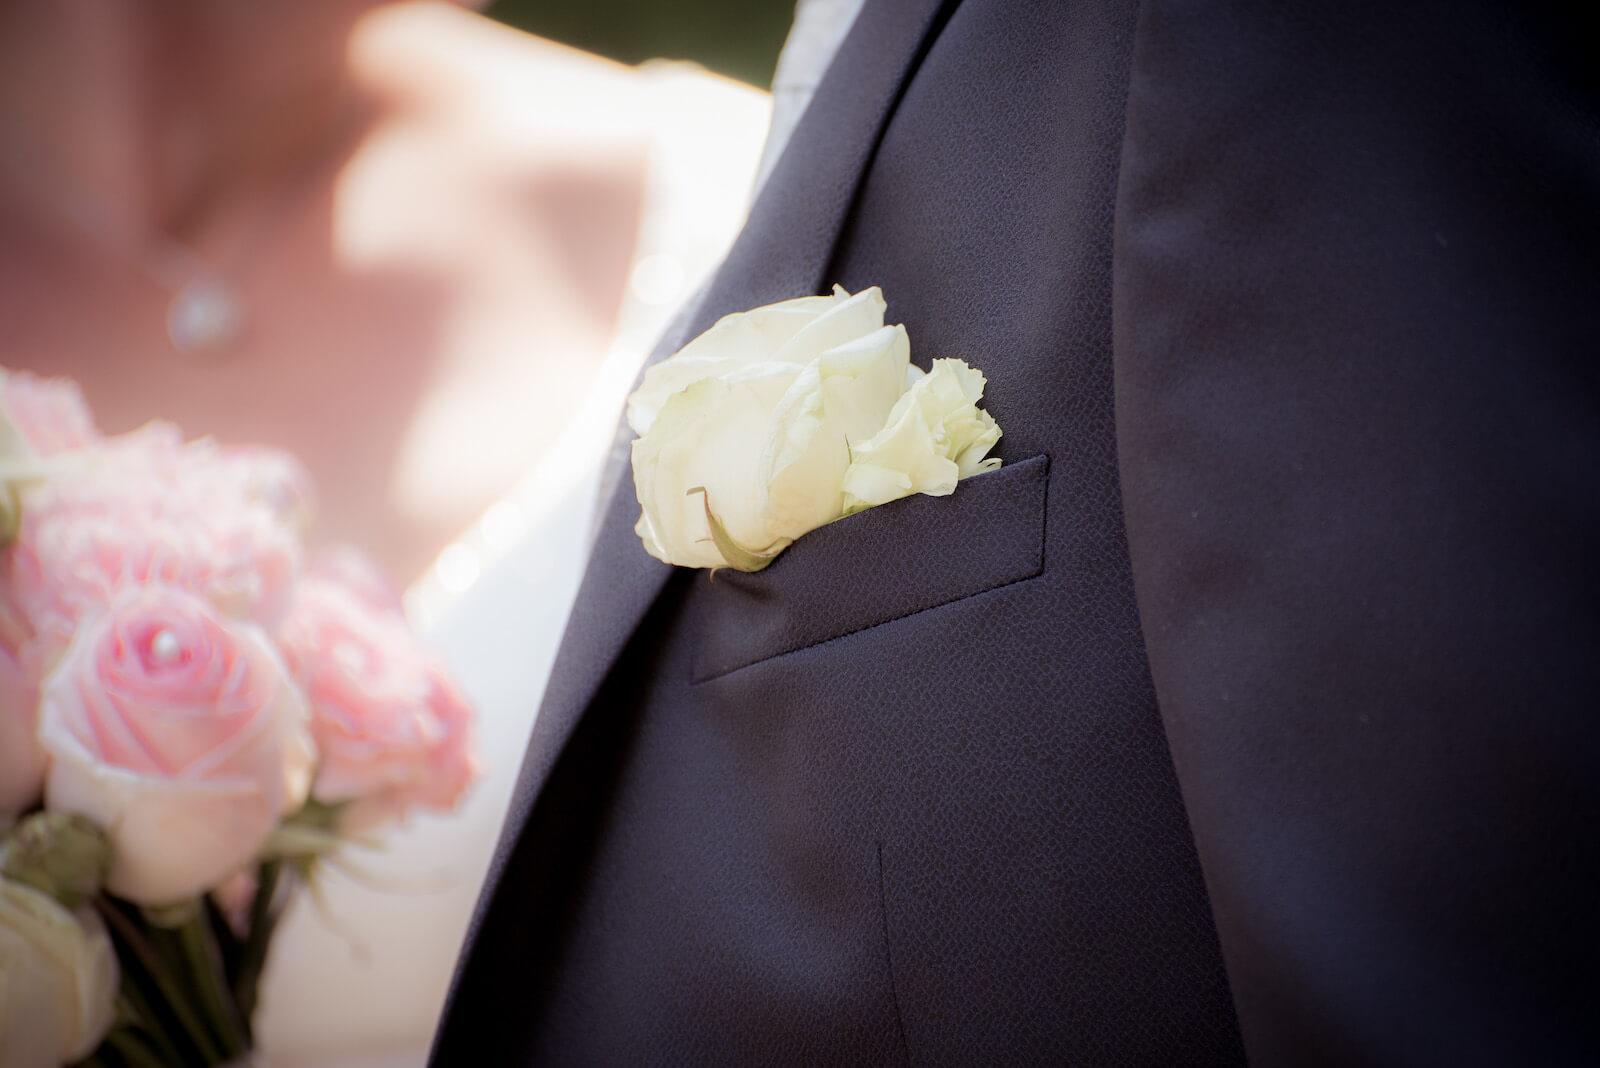 freie Trauung Ammersee - Detailaufnahme der Blume am Anzug des Bräutigams